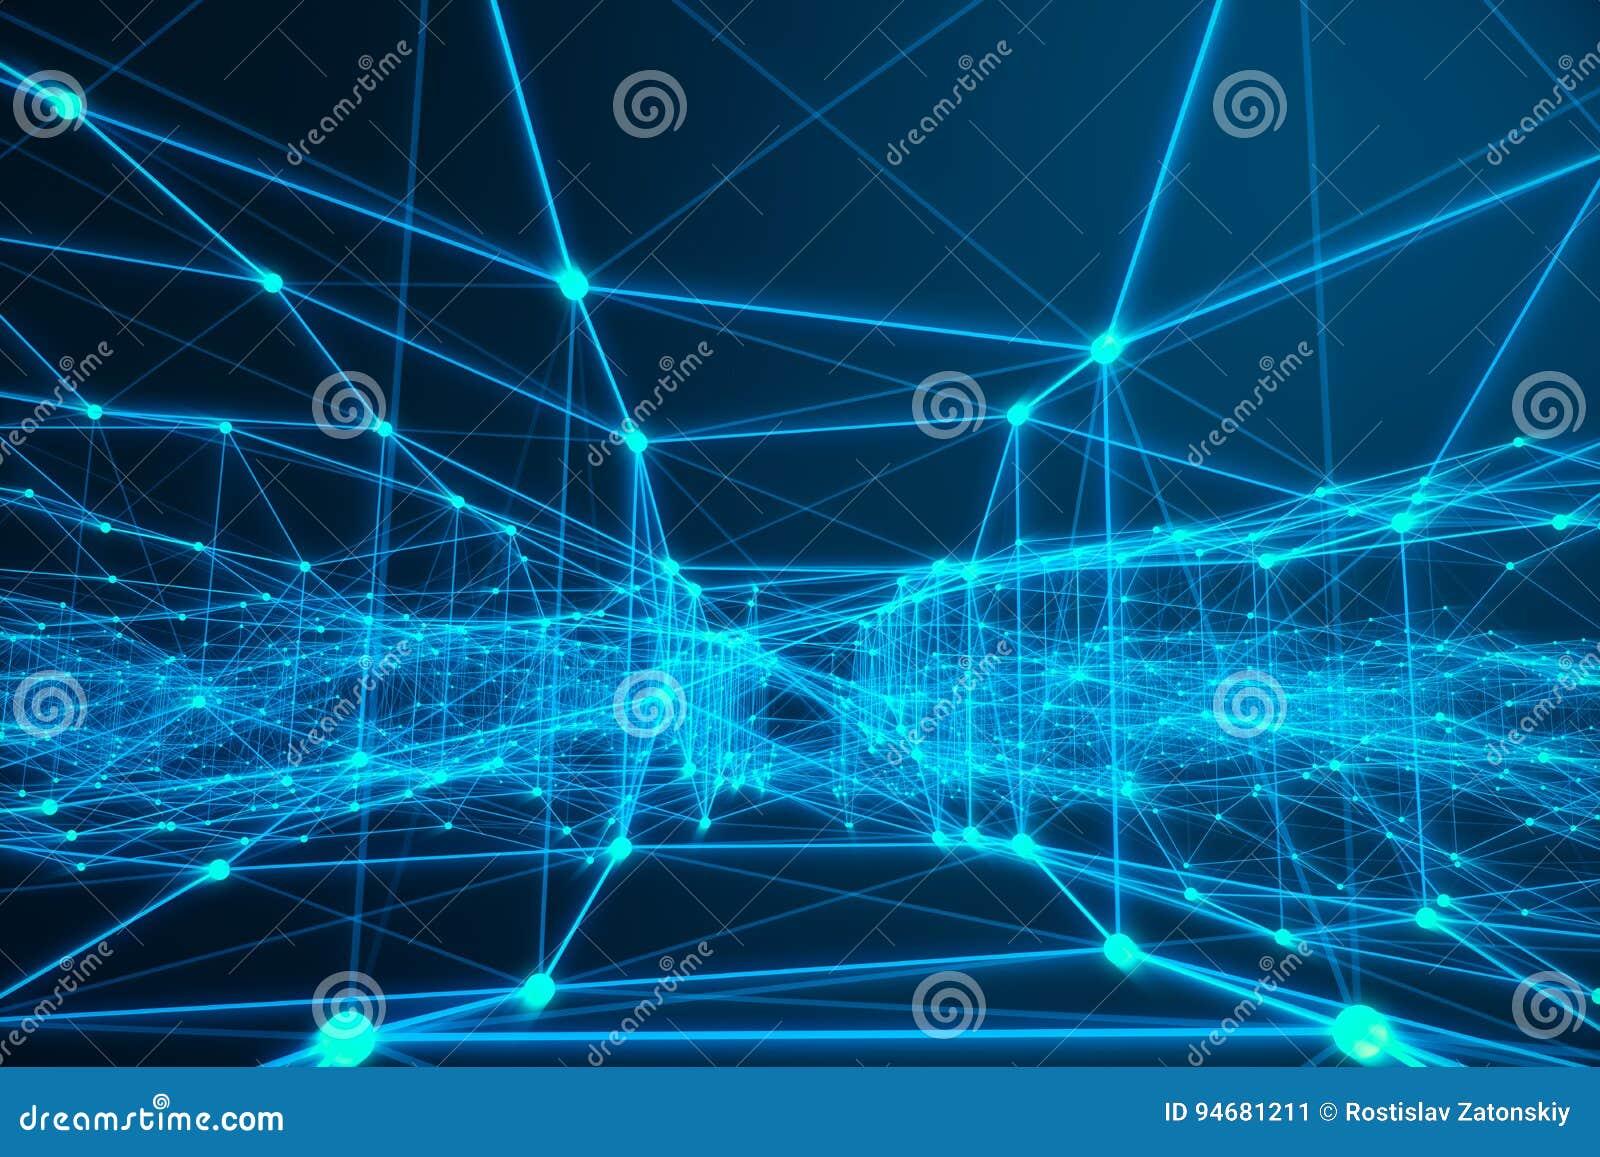 Futuristisk form för teknologisk anslutning, blåttpricknätverk, abstrakt bakgrund, blå bakgrund, begrepp av nätverket